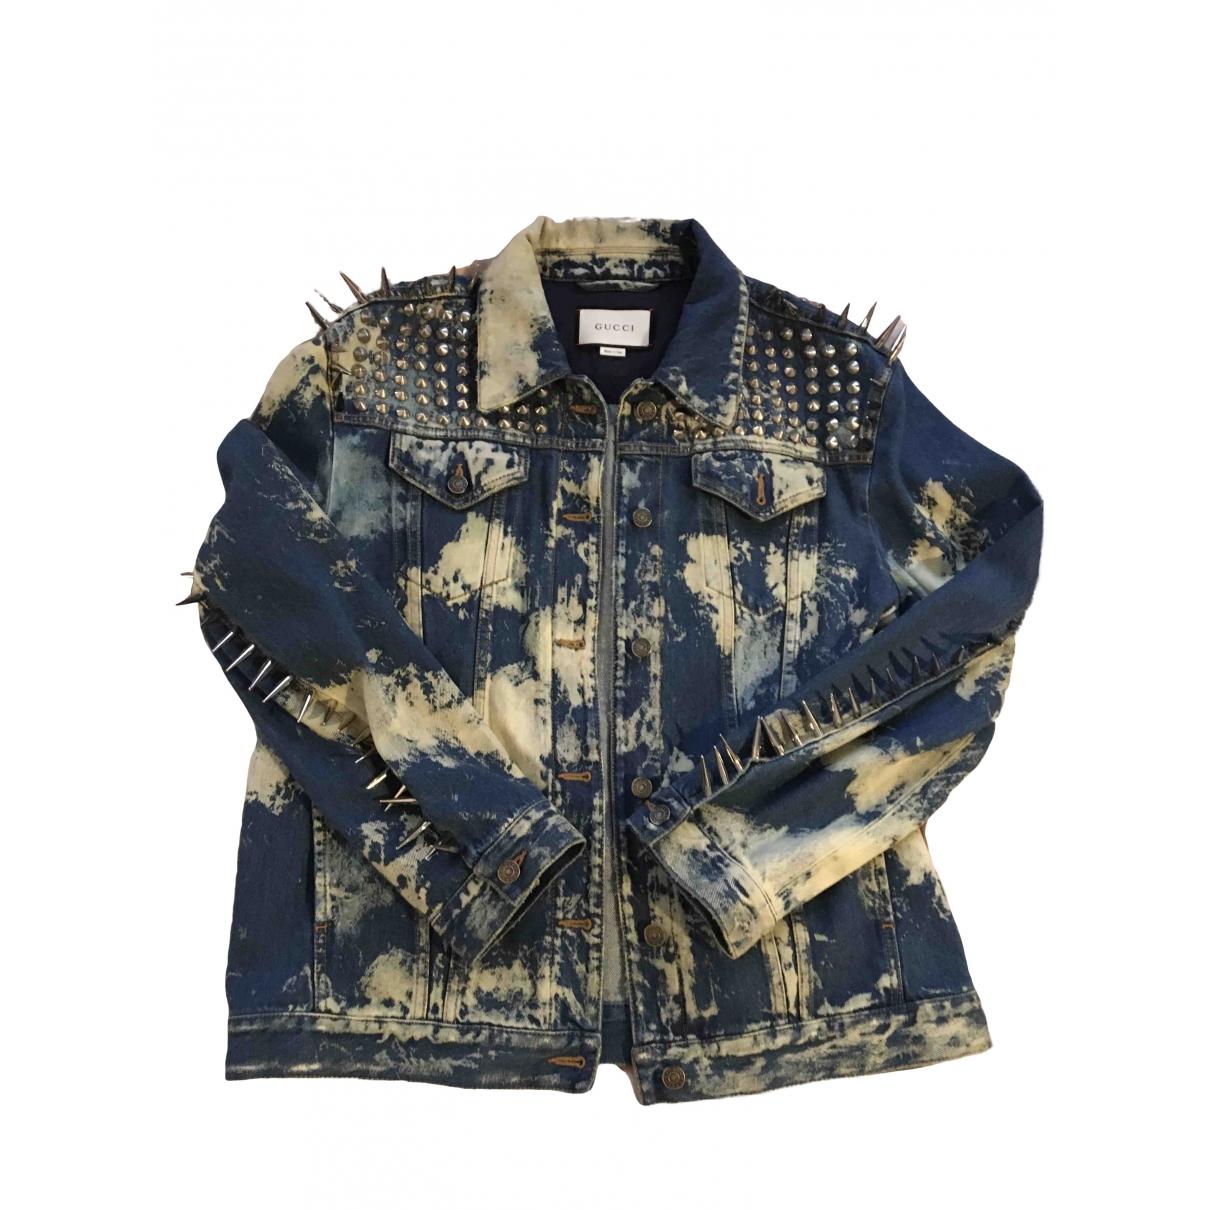 Gucci \N Jacke in  Blau Denim - Jeans